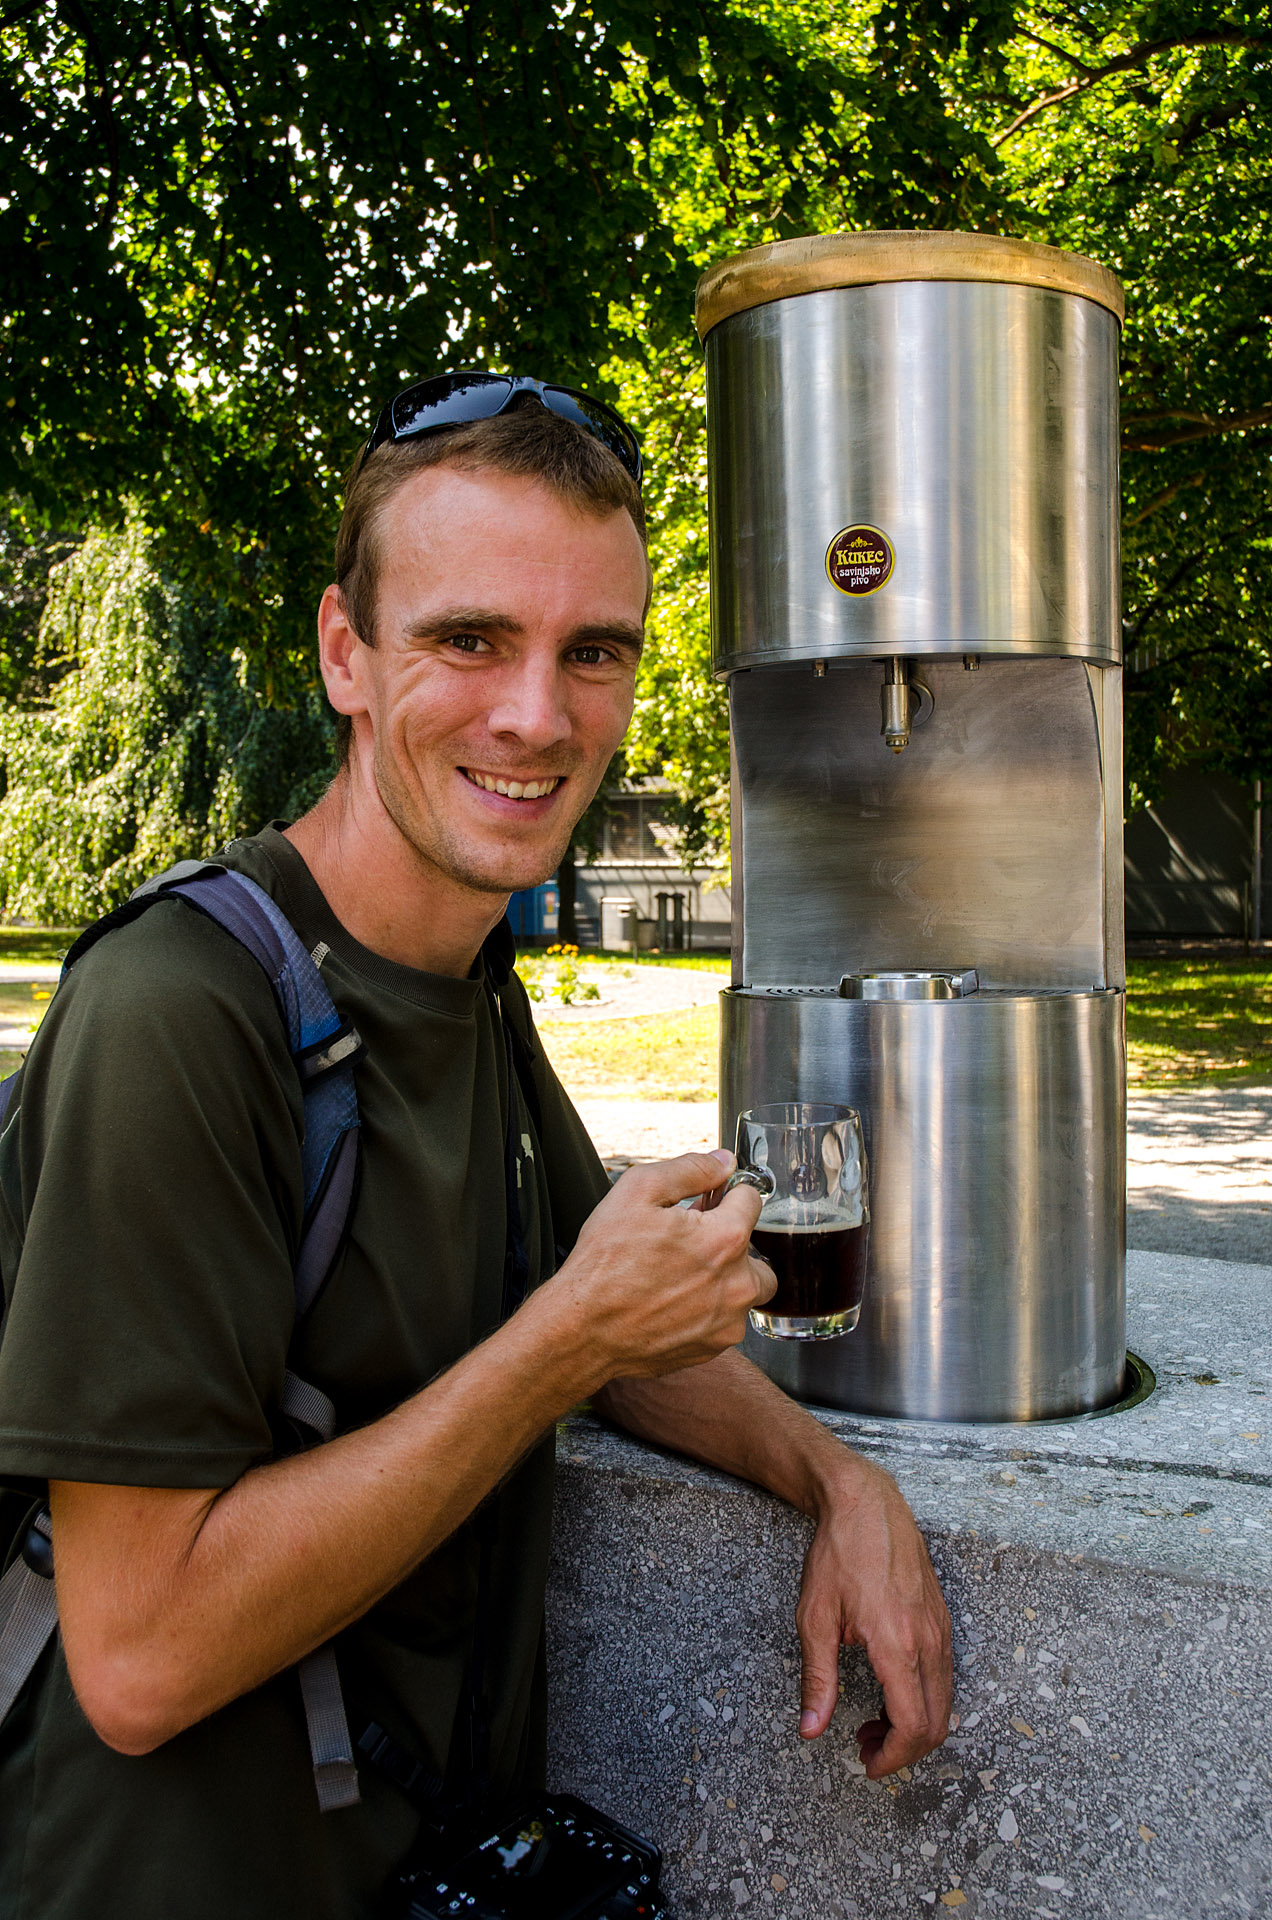 Beer fountain pioneer